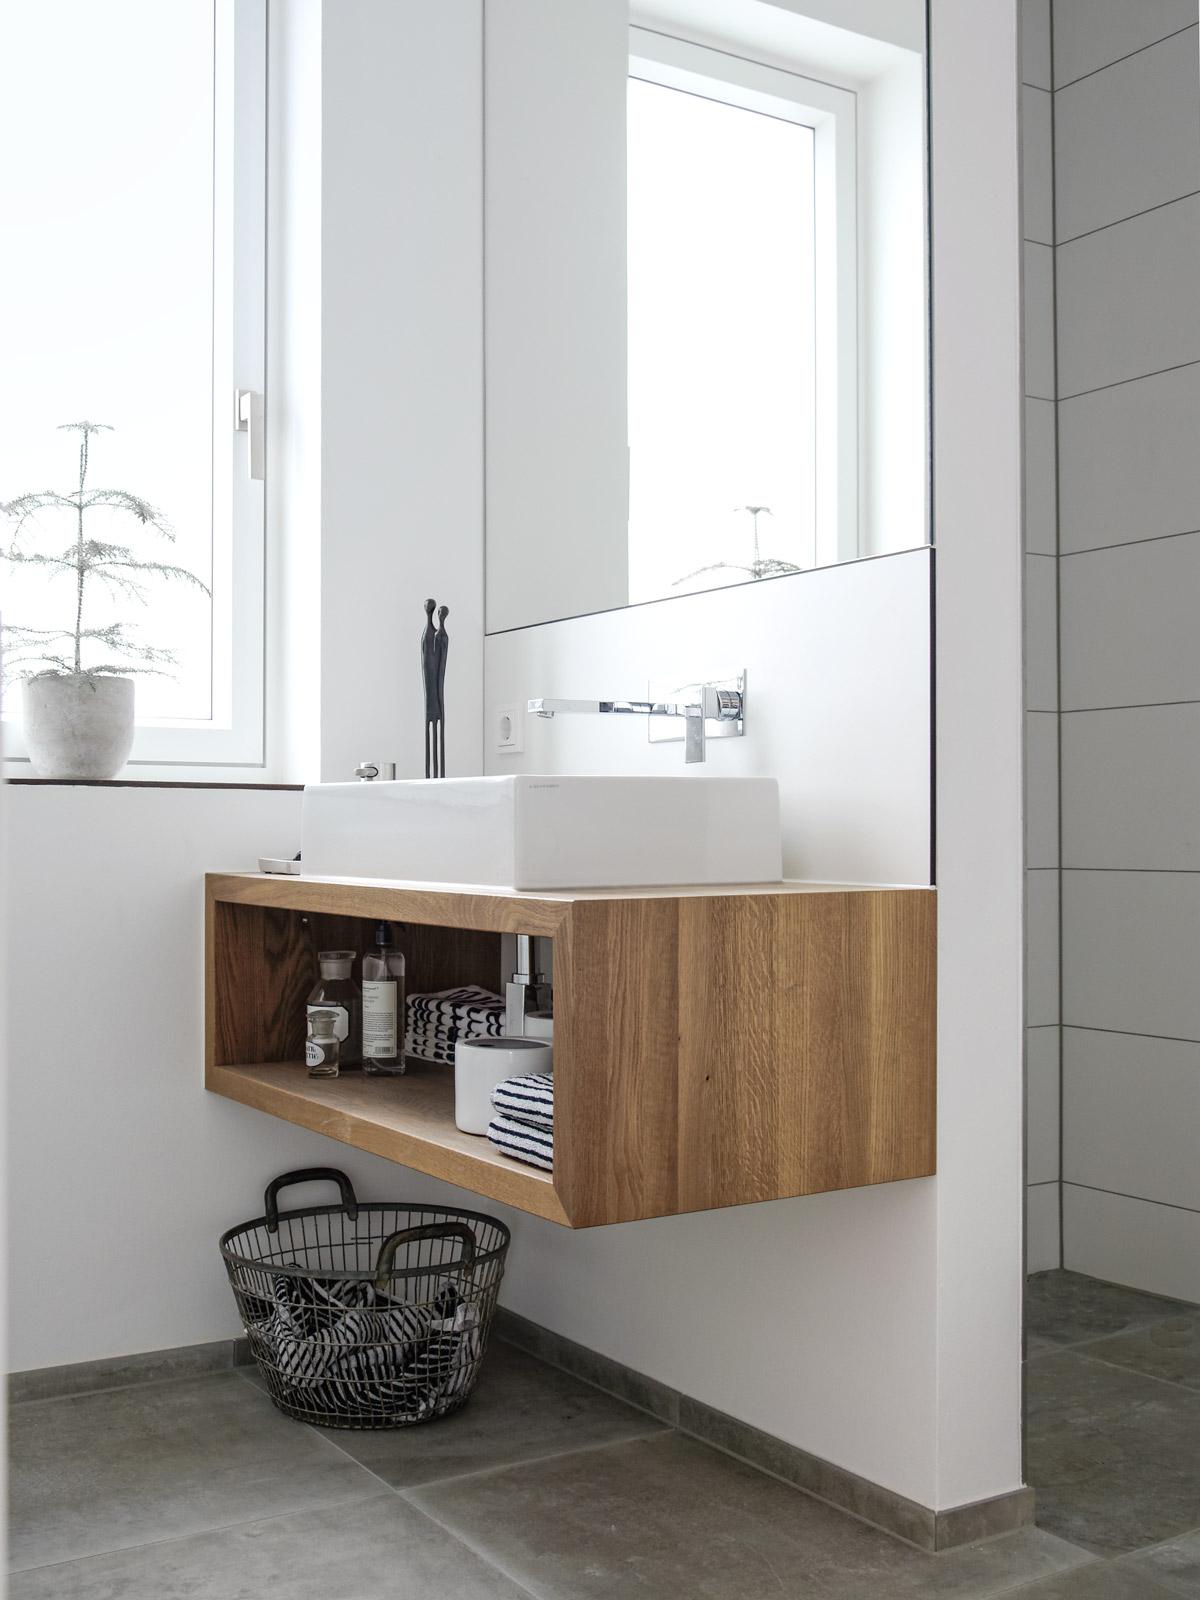 gaestebad-waschbecken